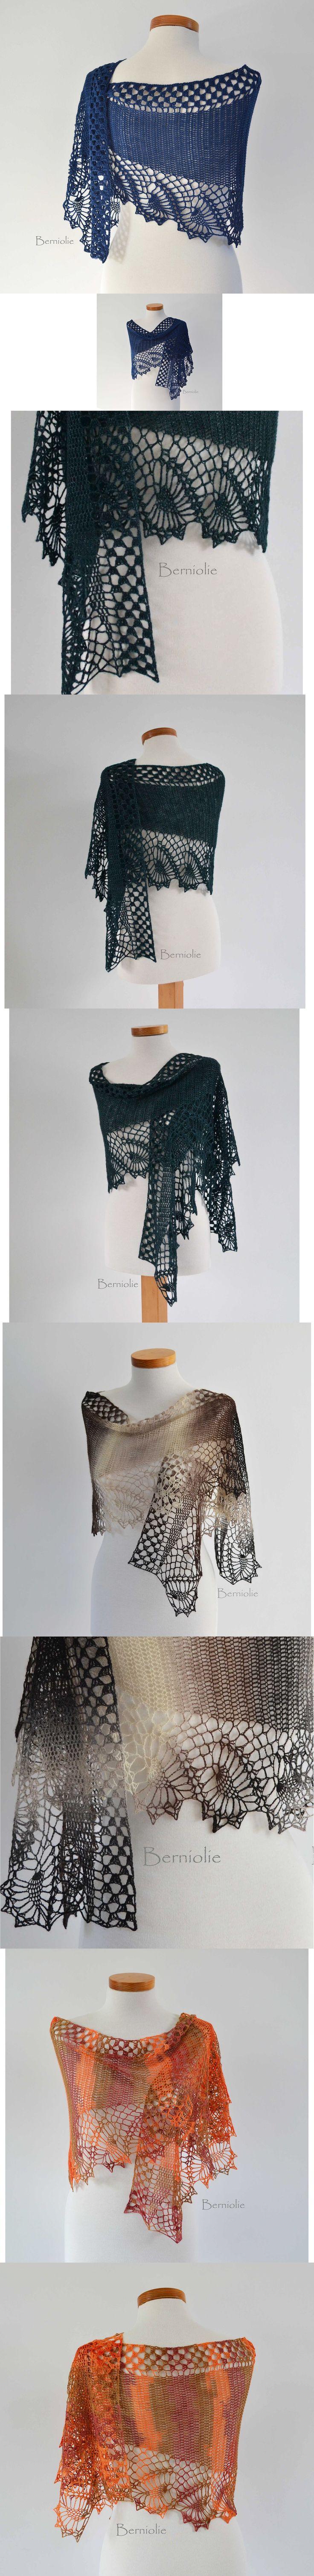 Ravelry: Crochet shawl by Bernadette Ambergen